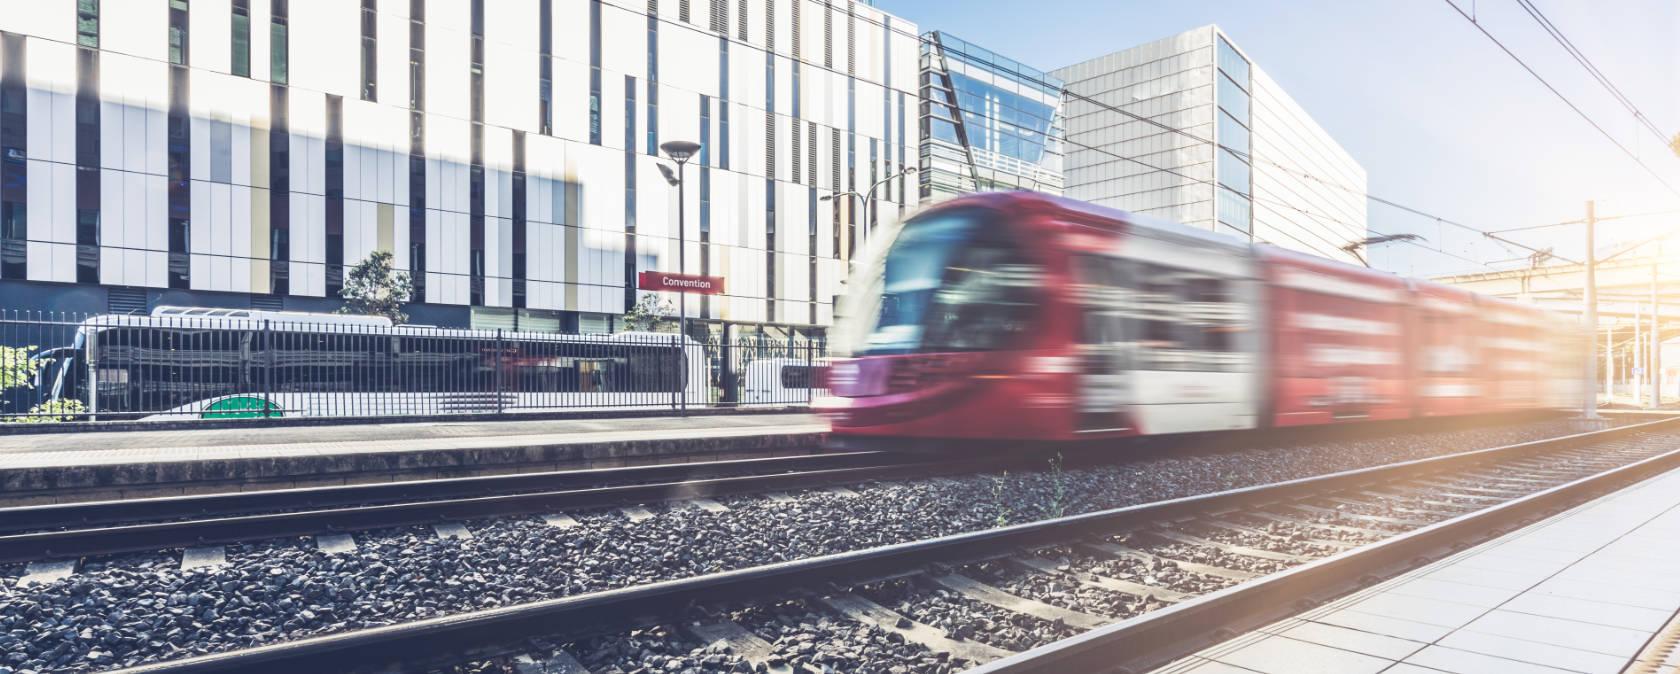 A red tram speeds down a light rail